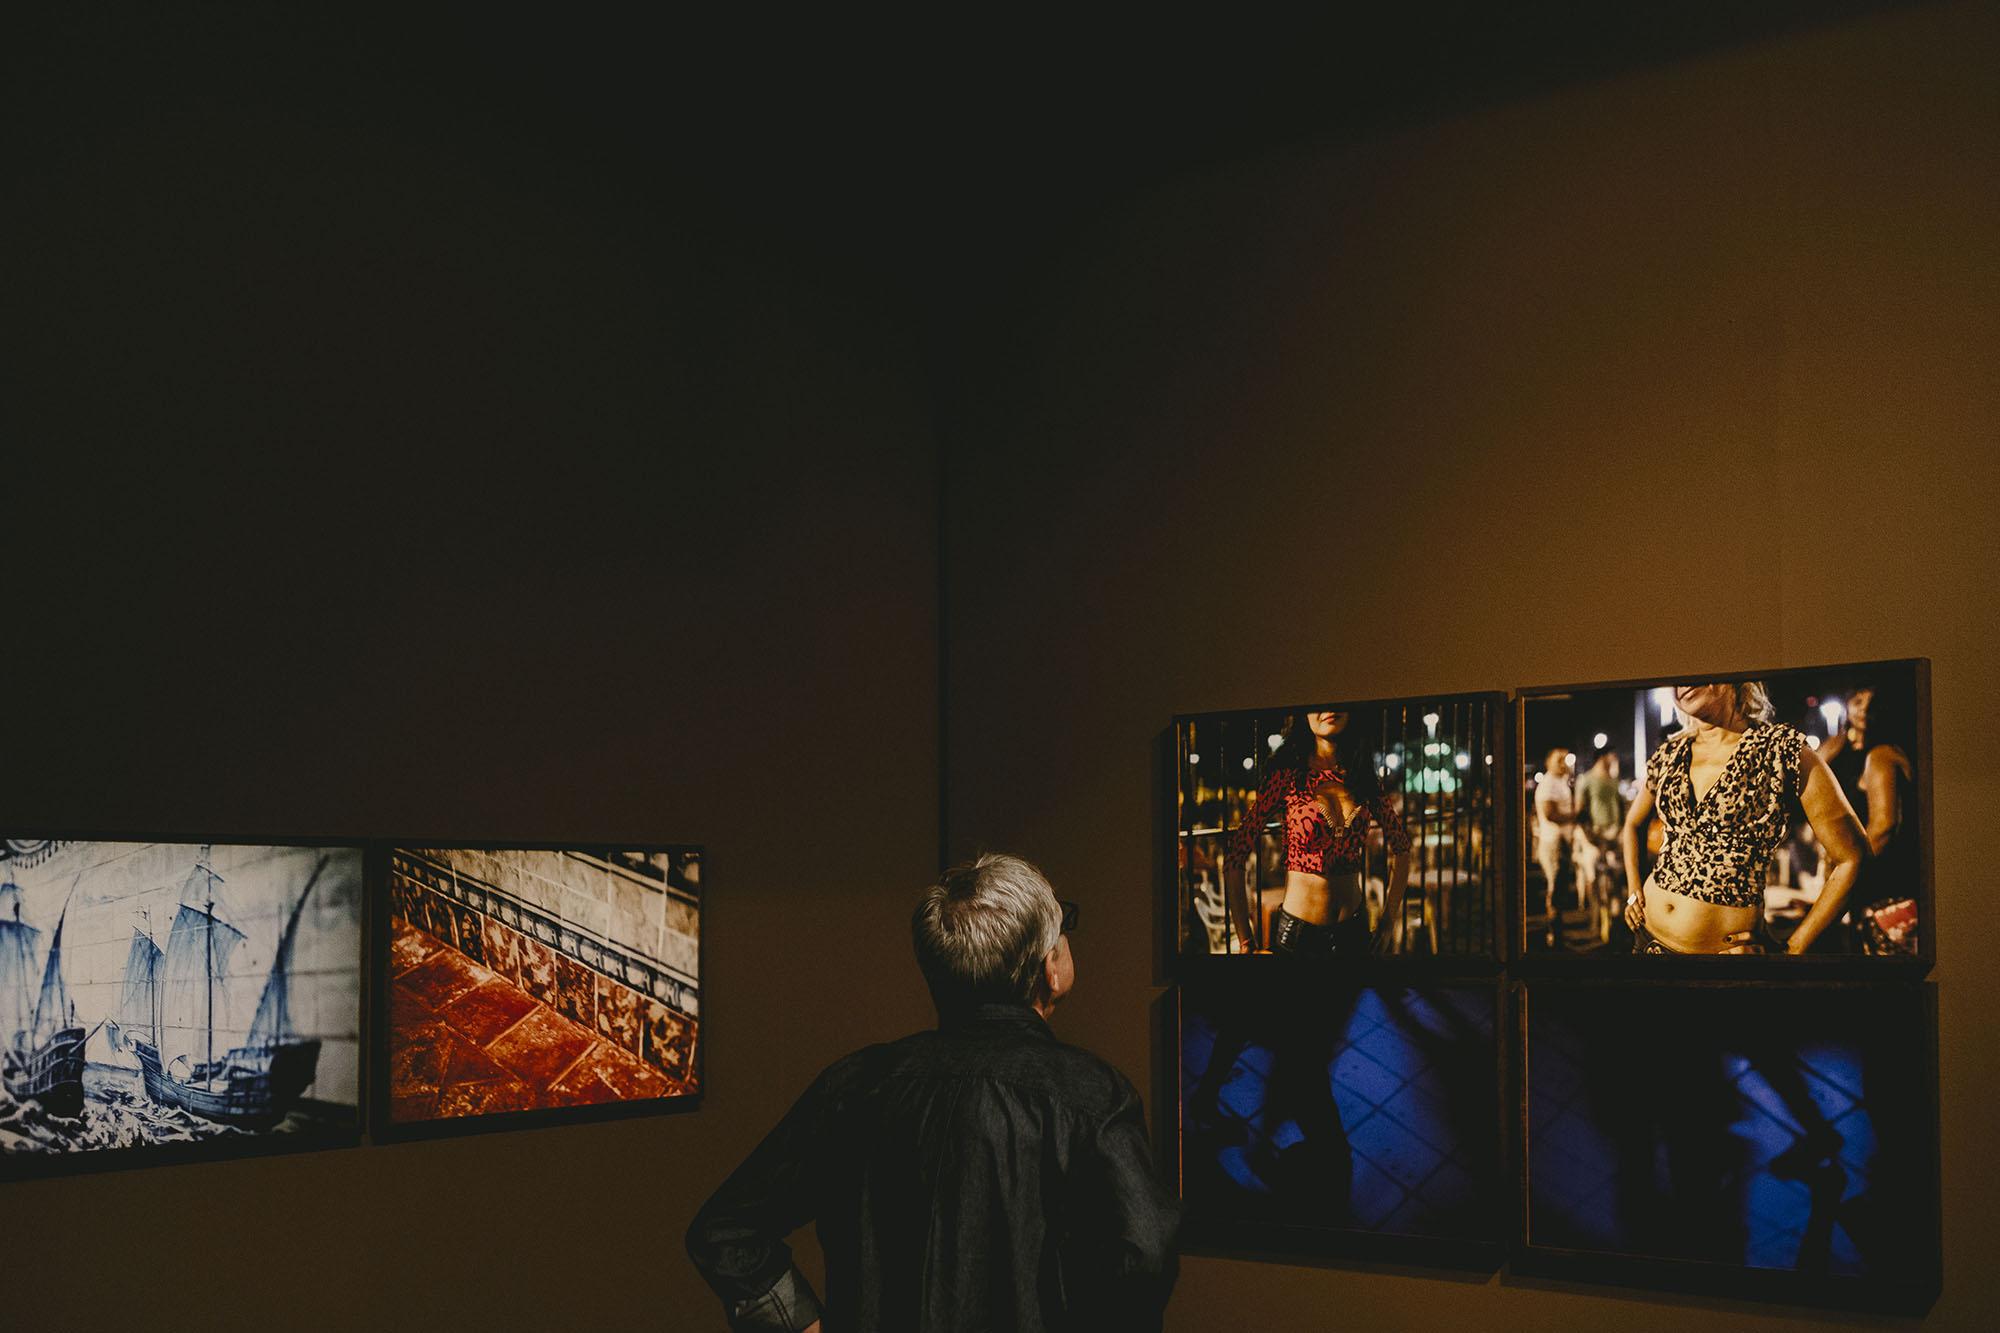 Visões-de-um-poema-sujo : exposição-lançamento-livro : Márcio Vasconcelos : Gustavo Semeghini : Blog -027.jpg